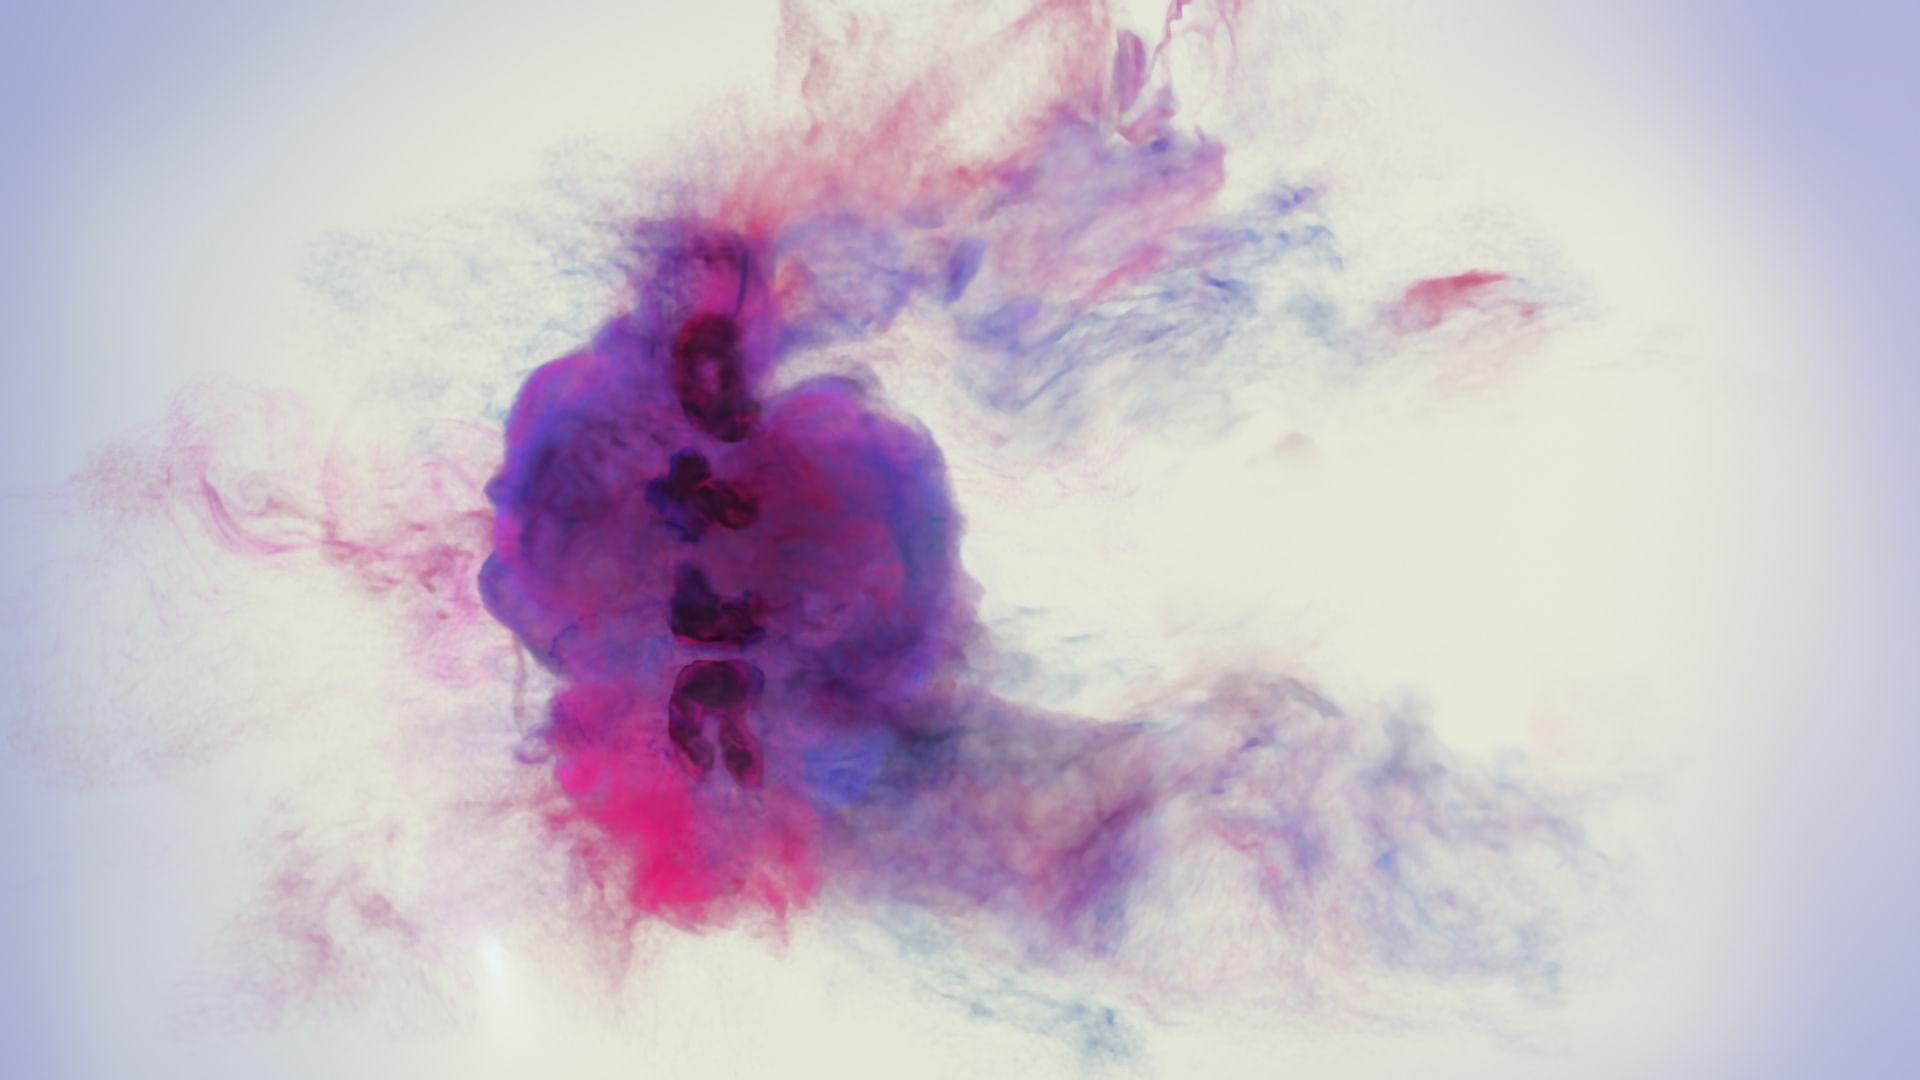 Geschmaxxxploitation! Staffel 2 (5/10) - The Bride and the Beast | ARTE